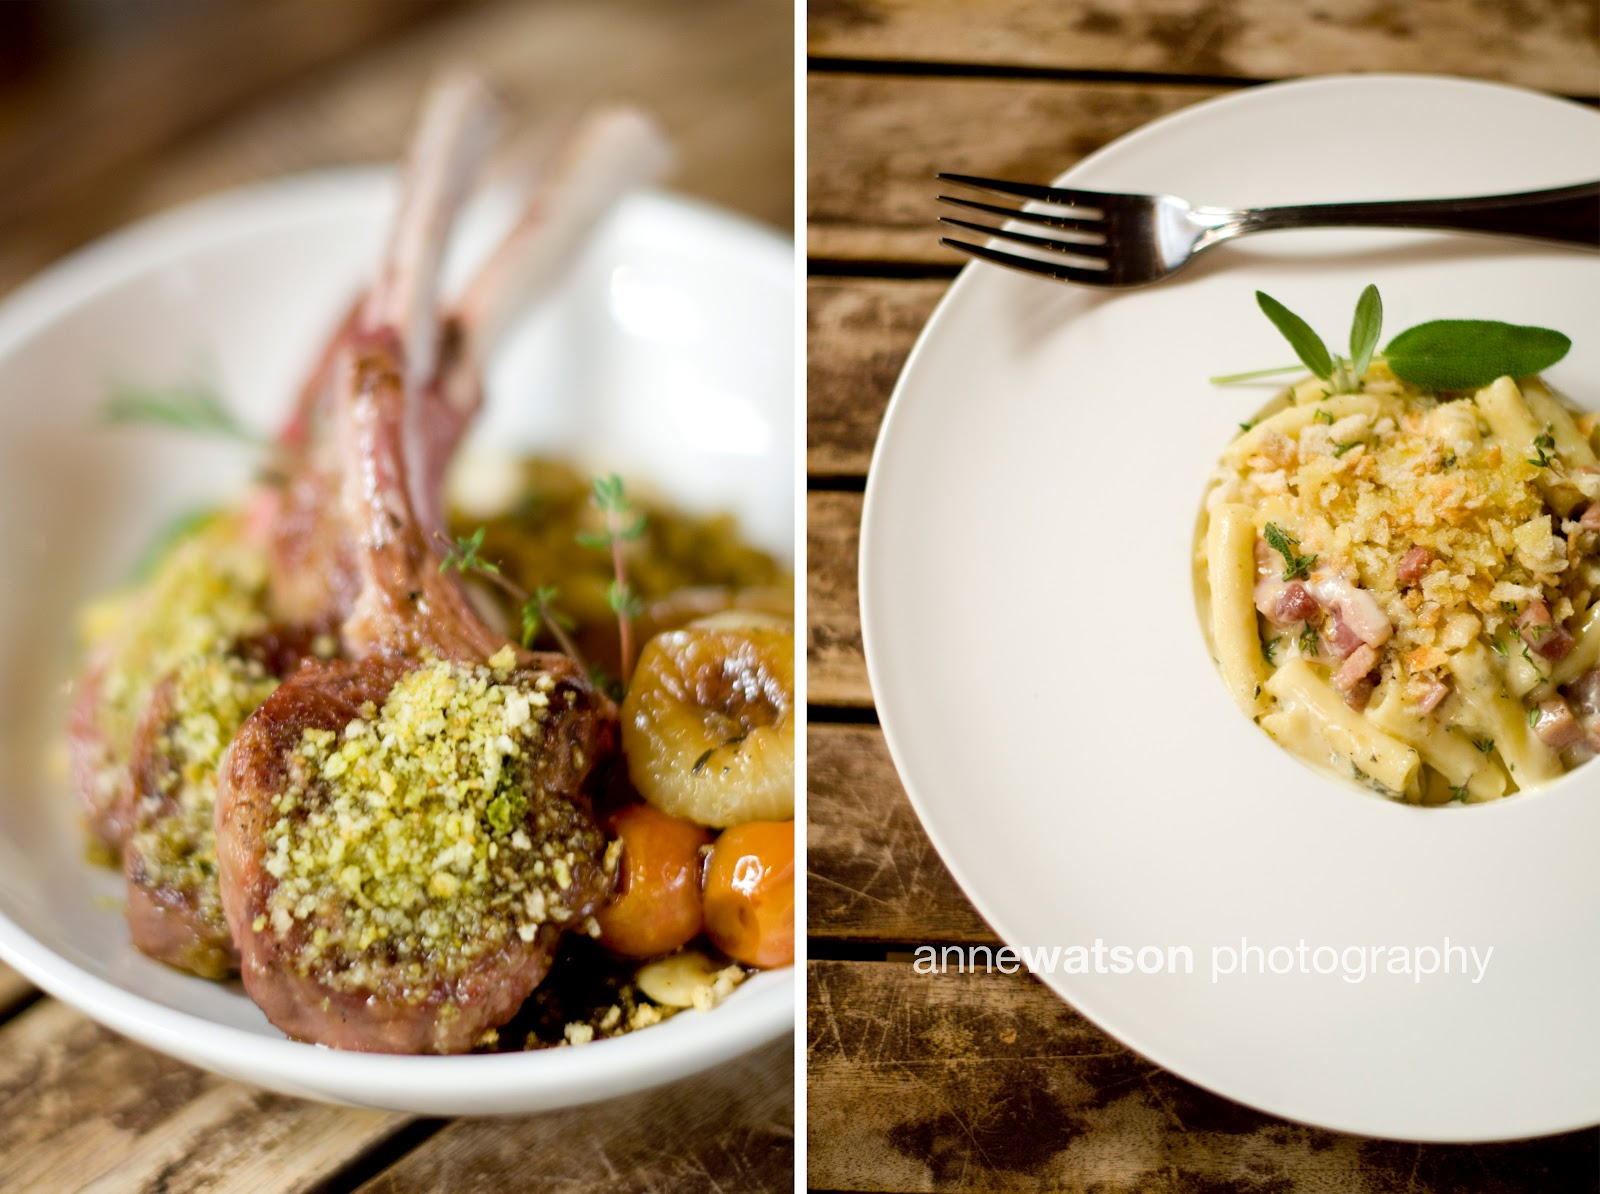 Anne Watson Photo Blog The Cellar Restaurant Wine Bar